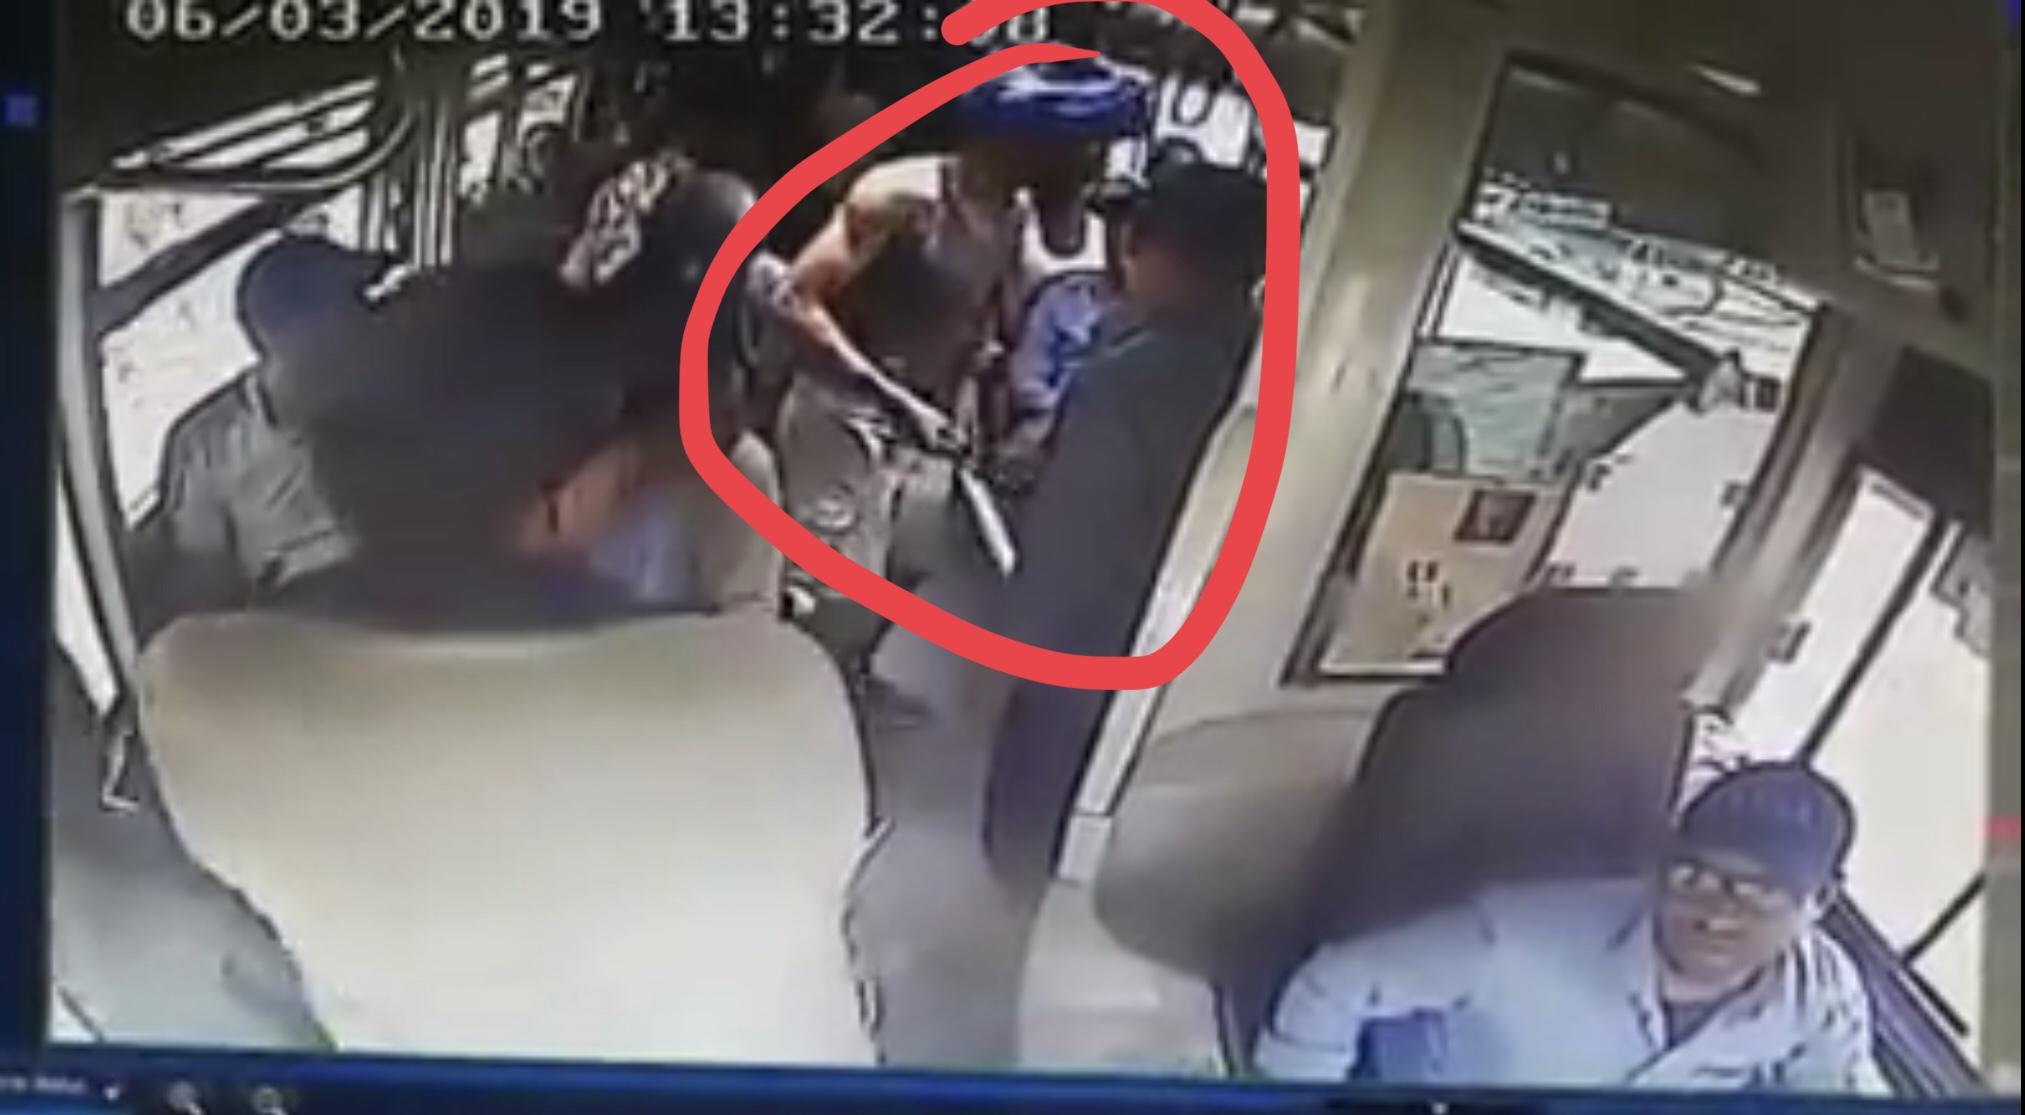 فيديو/شاهدوا كيف هاجم شخصاً مسلحاً بالسيوف حافلة بأكادير وسرق مواطنين في واضحة النهار